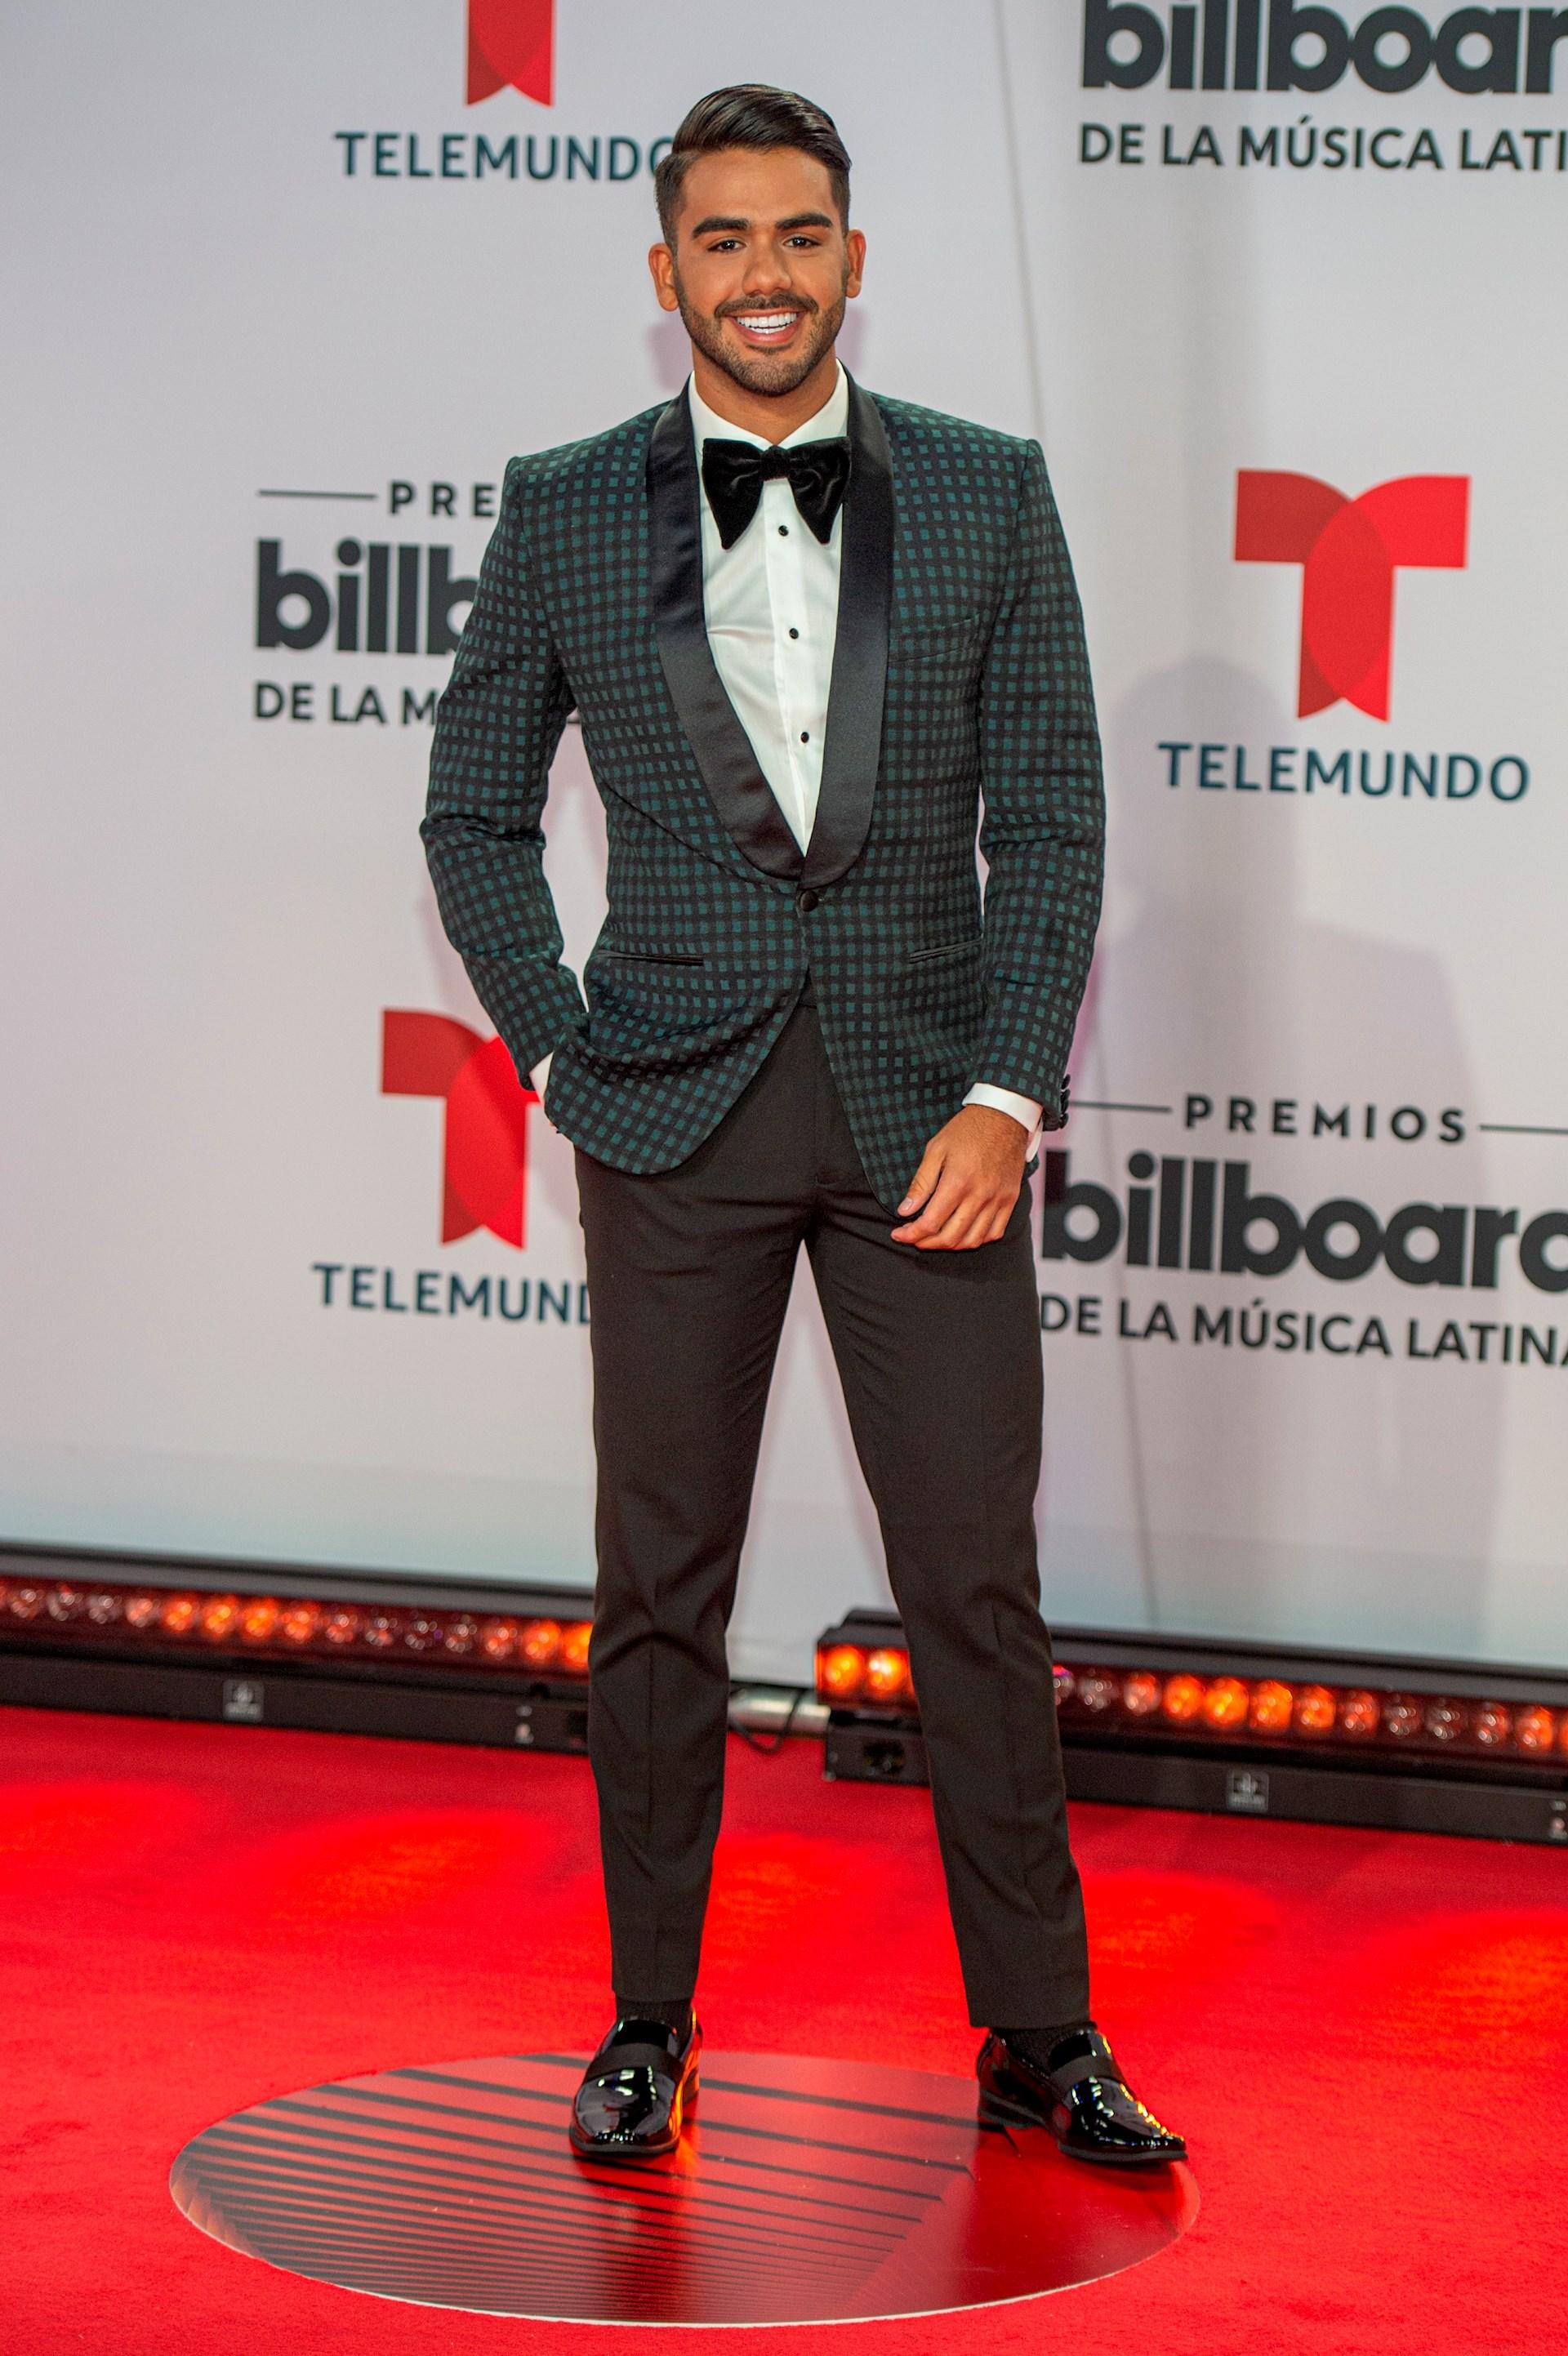 El presentador puertorriqueño Carlos Adyan posa hoy a su llegada a la alfombra roja de los Premios Billboard de la Música Latina (Foto: EFE/Giorgio Viera)